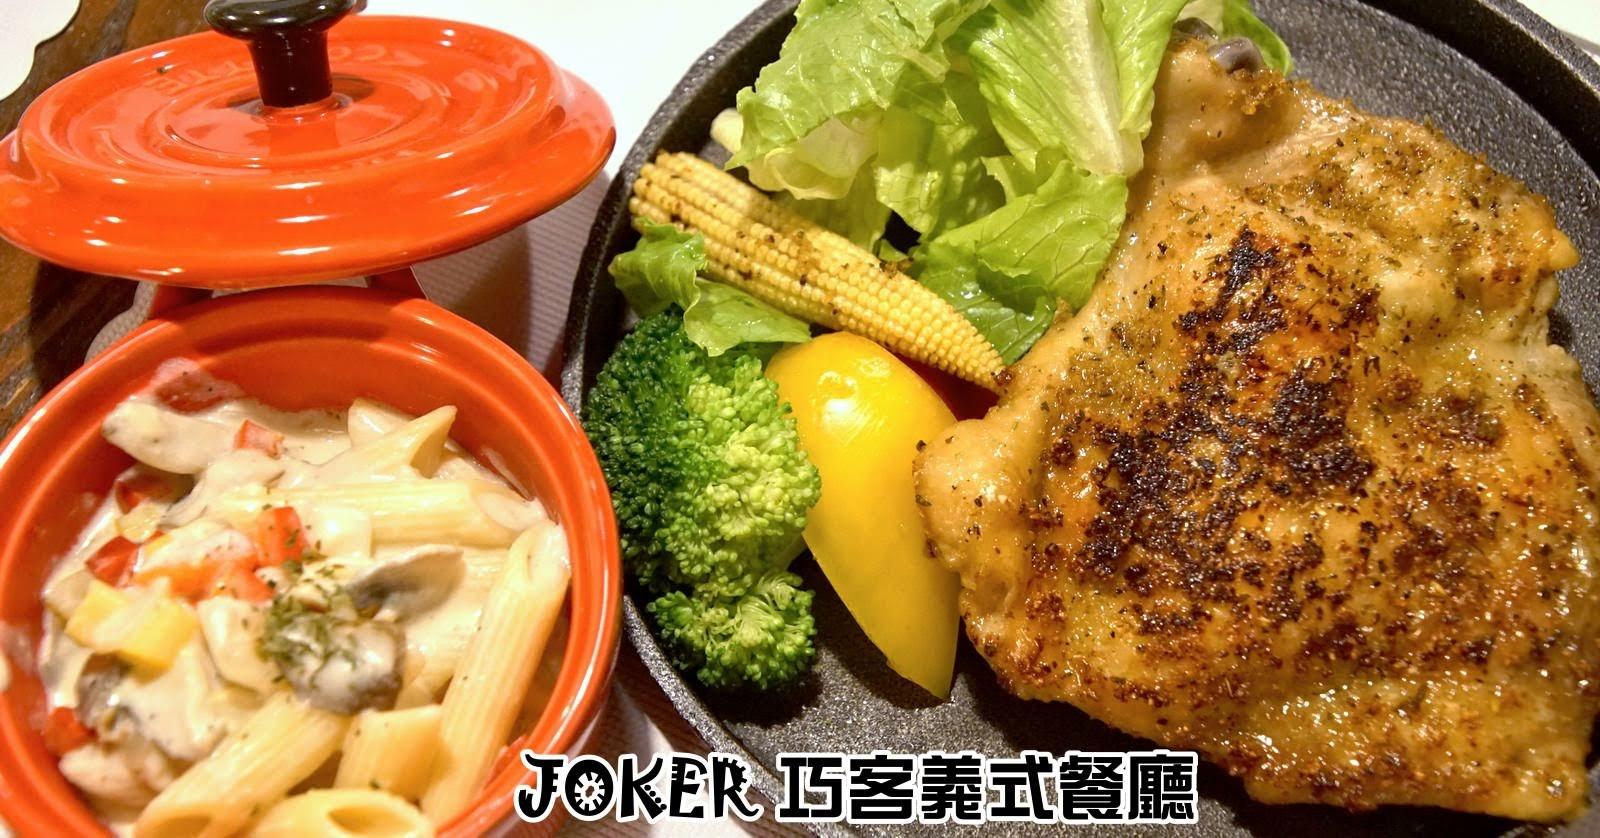 [台南][東區] JOKER 巧客義式餐廳|巷弄中的家庭義式料理|食記